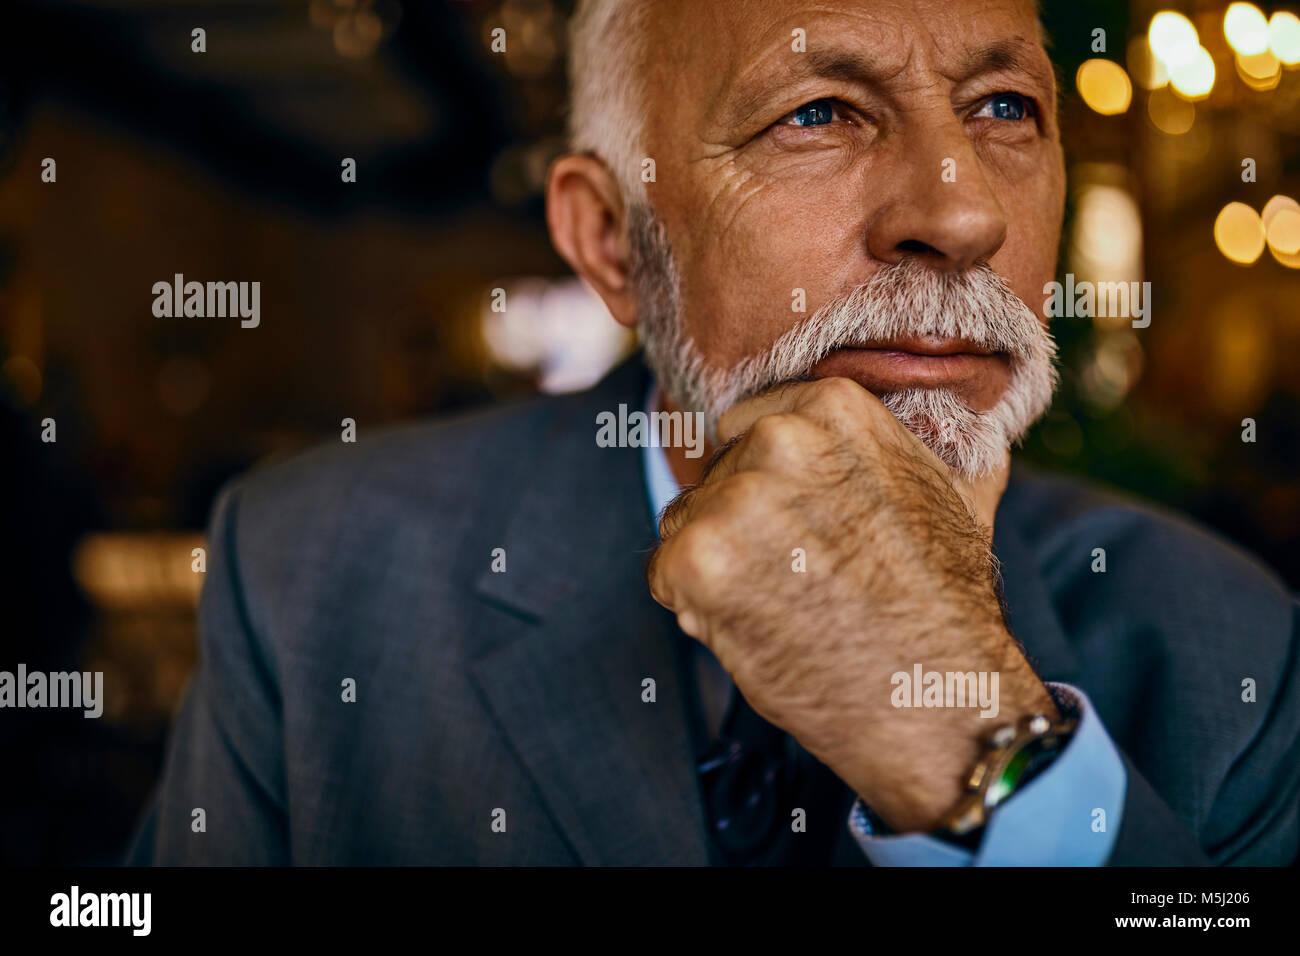 Ritratto di elegante uomo senior pensando Immagini Stock